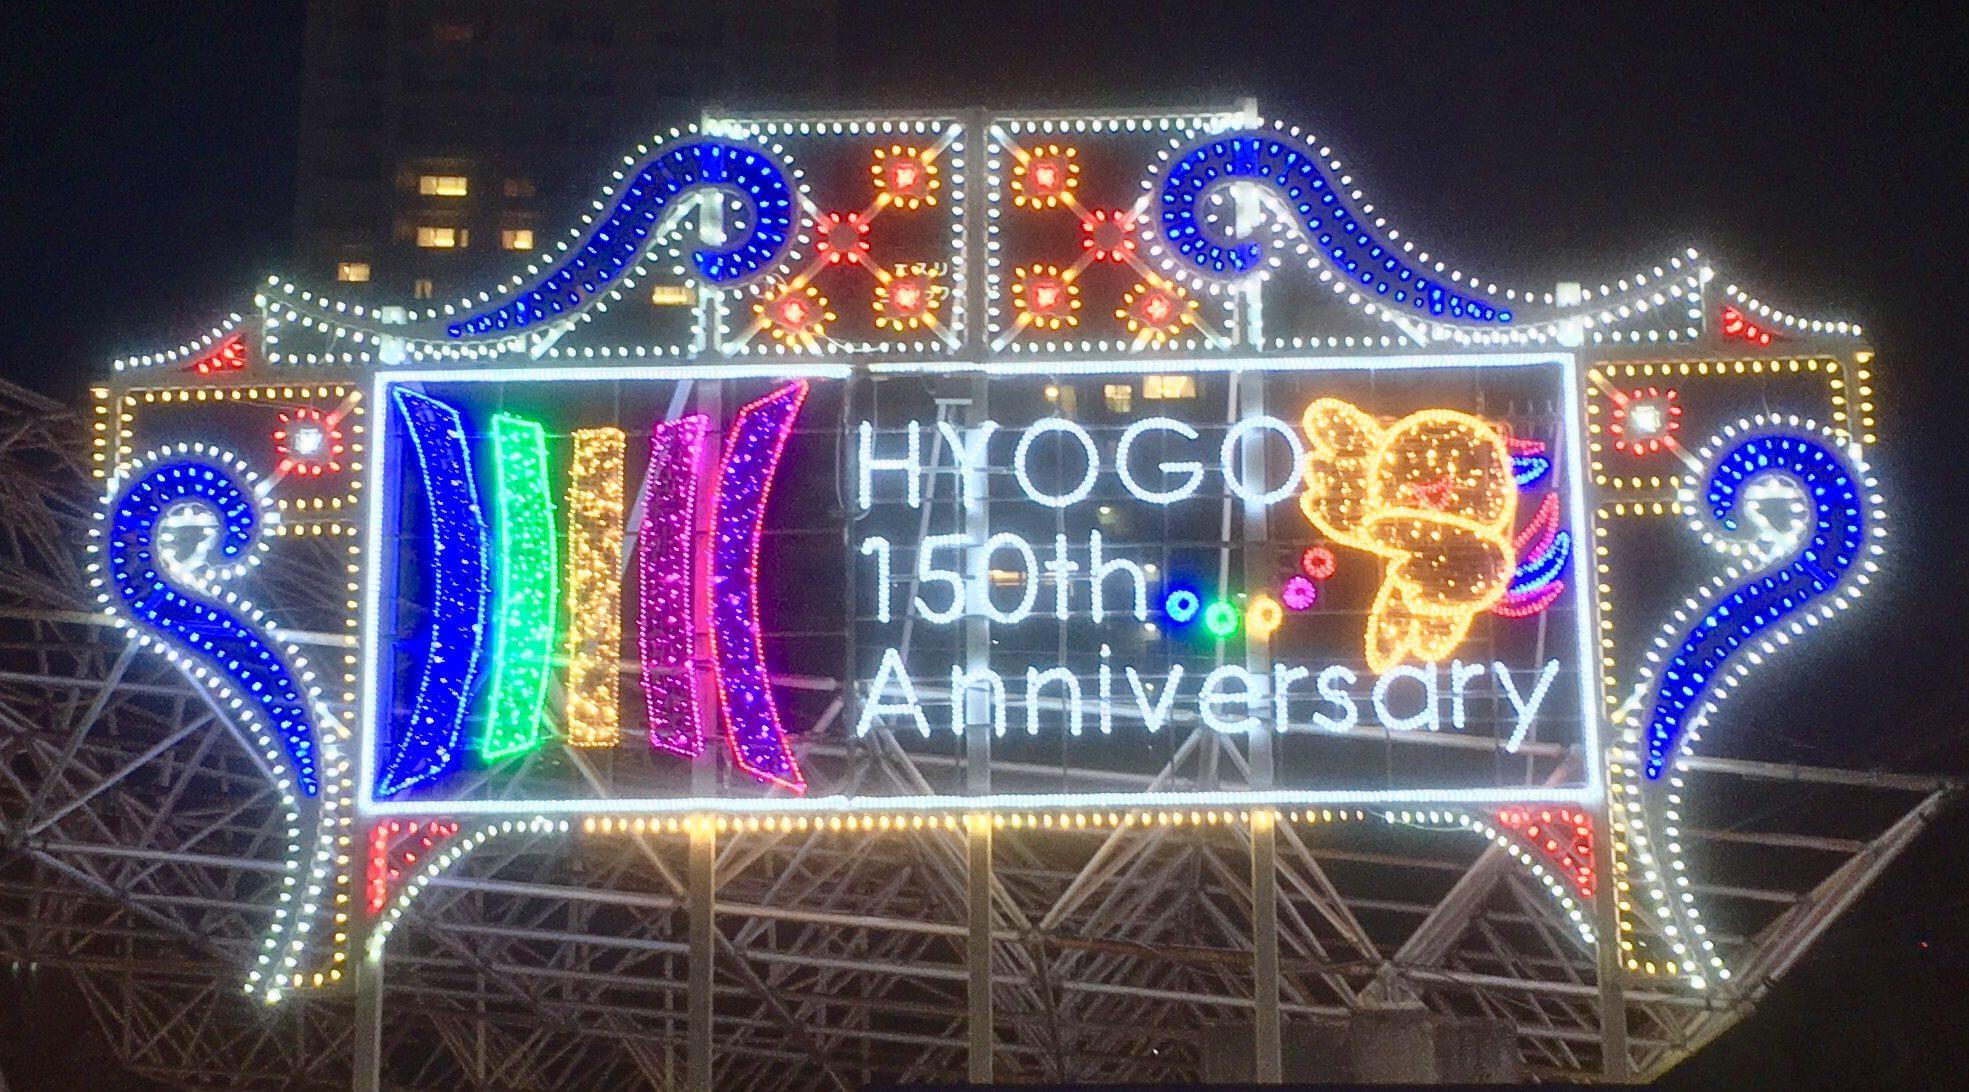 ルミナリエHYOGO150th_Anniversary